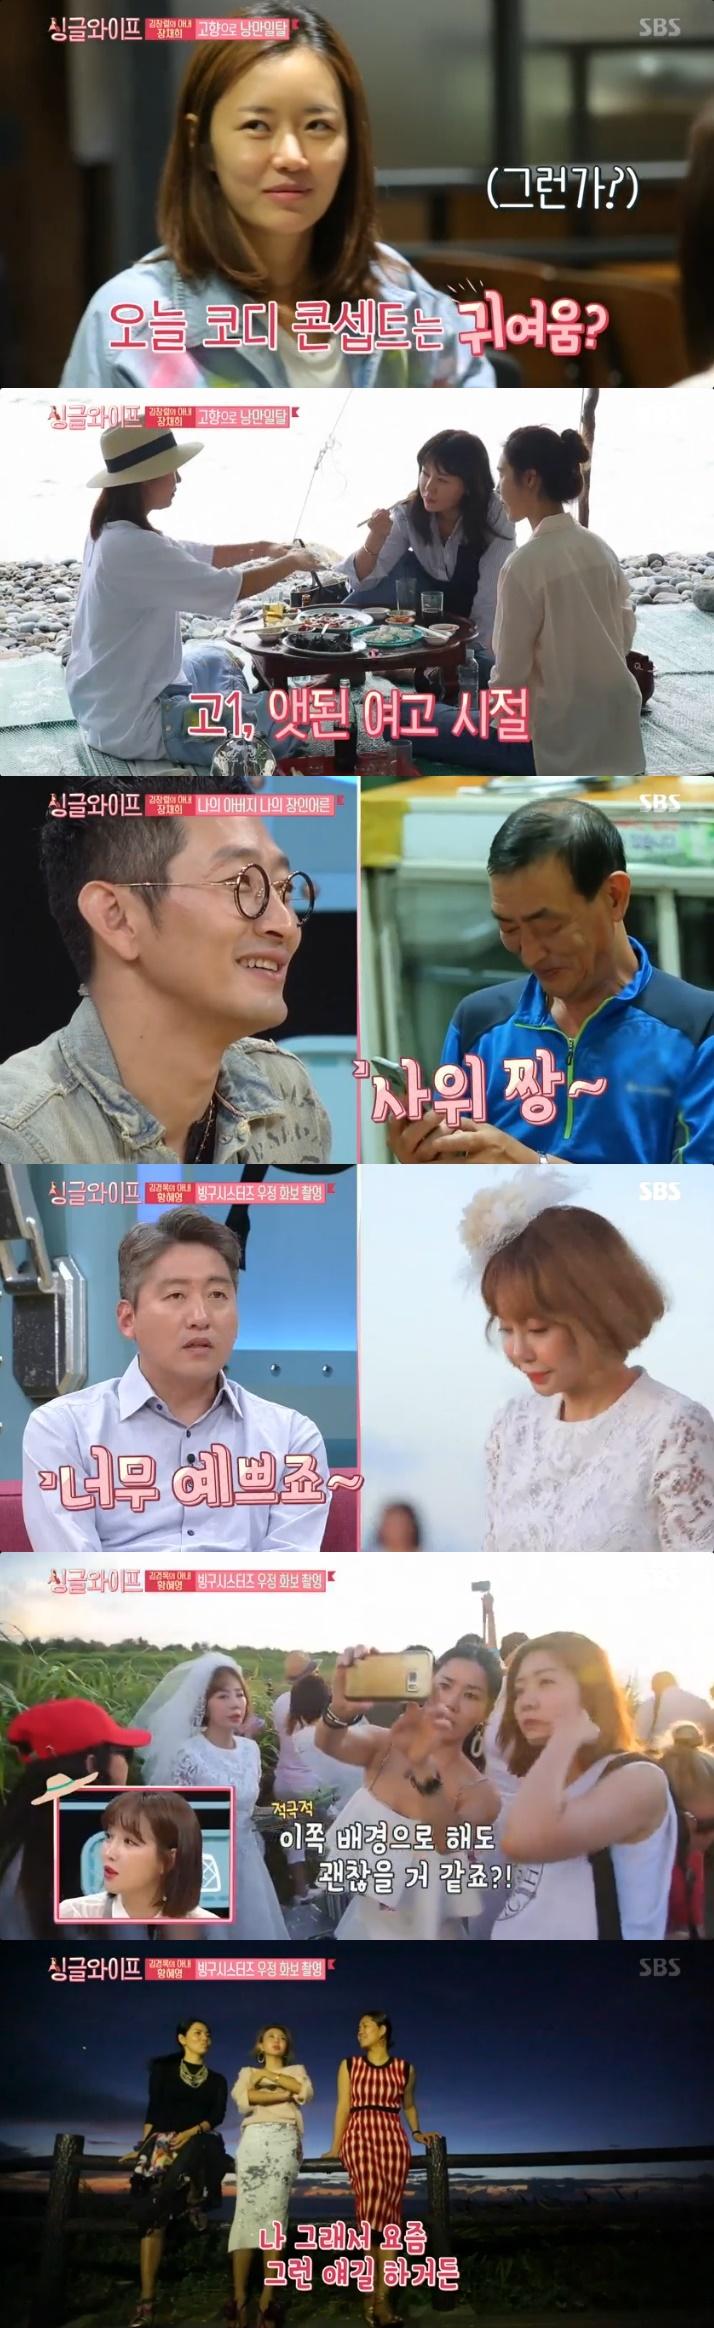 [종합] '싱글 와이프' 김창렬♥장채희, 父의 무한 사위사랑 '감동의 눈시울'